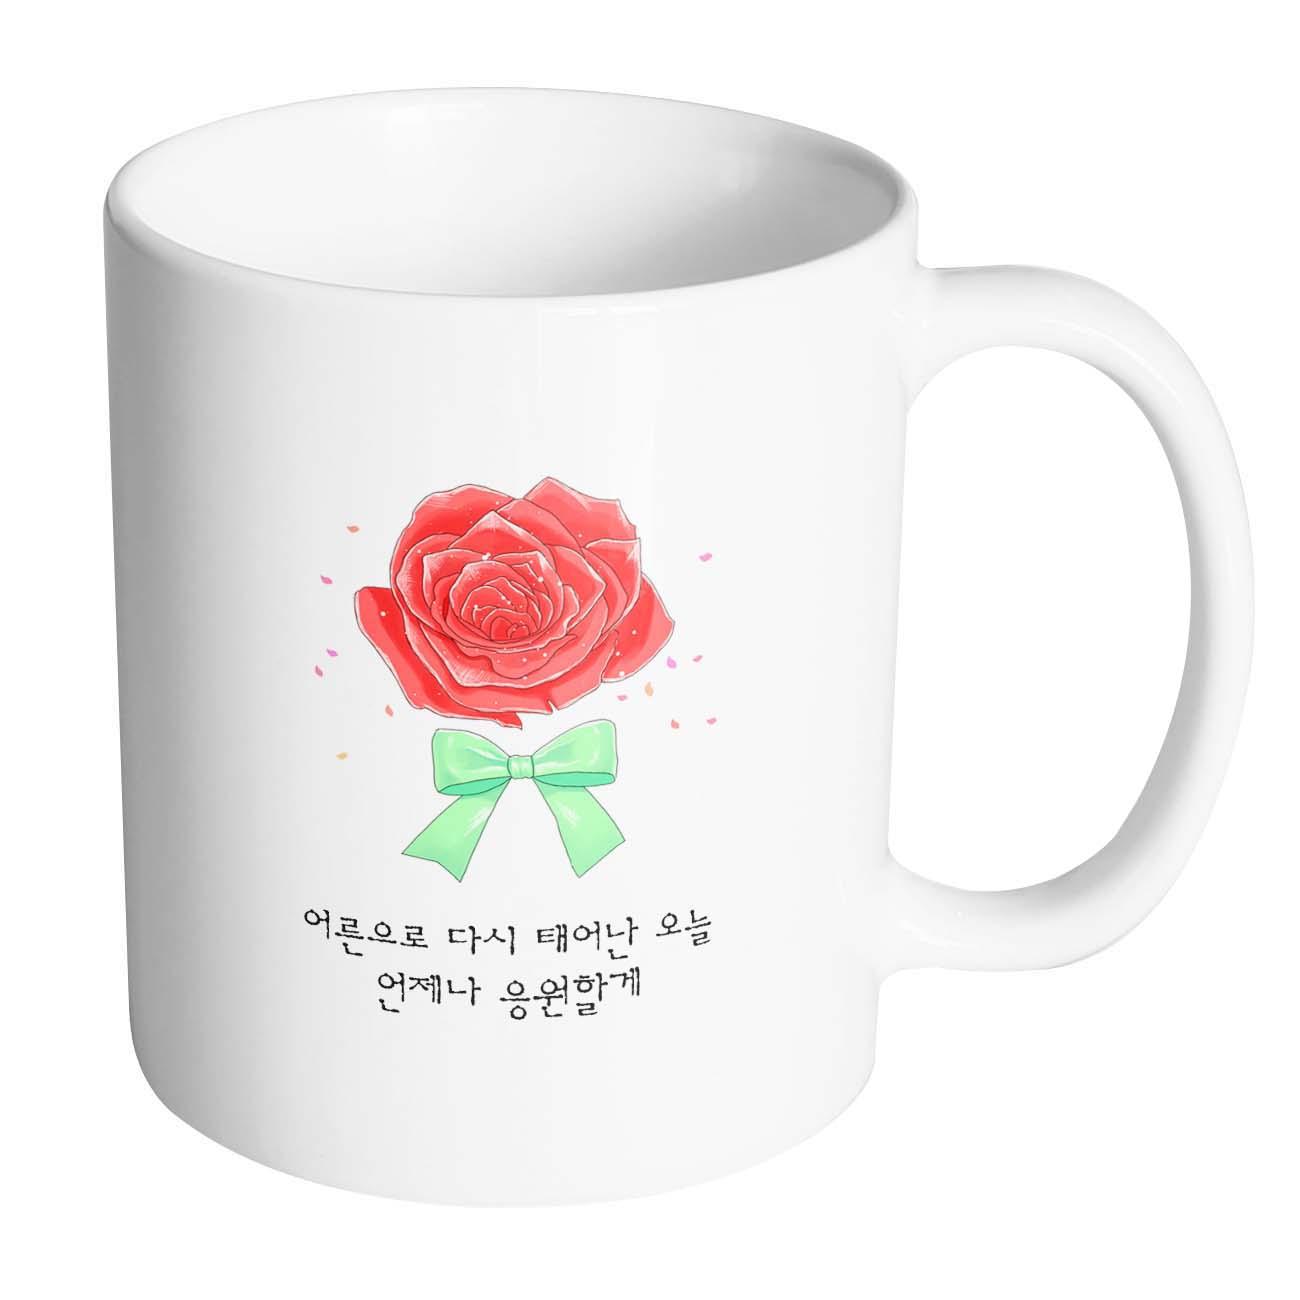 핸드팩토리 장미꽃성년의날 어른으로 다시 태어난 오늘 언제나 응원할게 머그컵, 내부 화이트, 1개